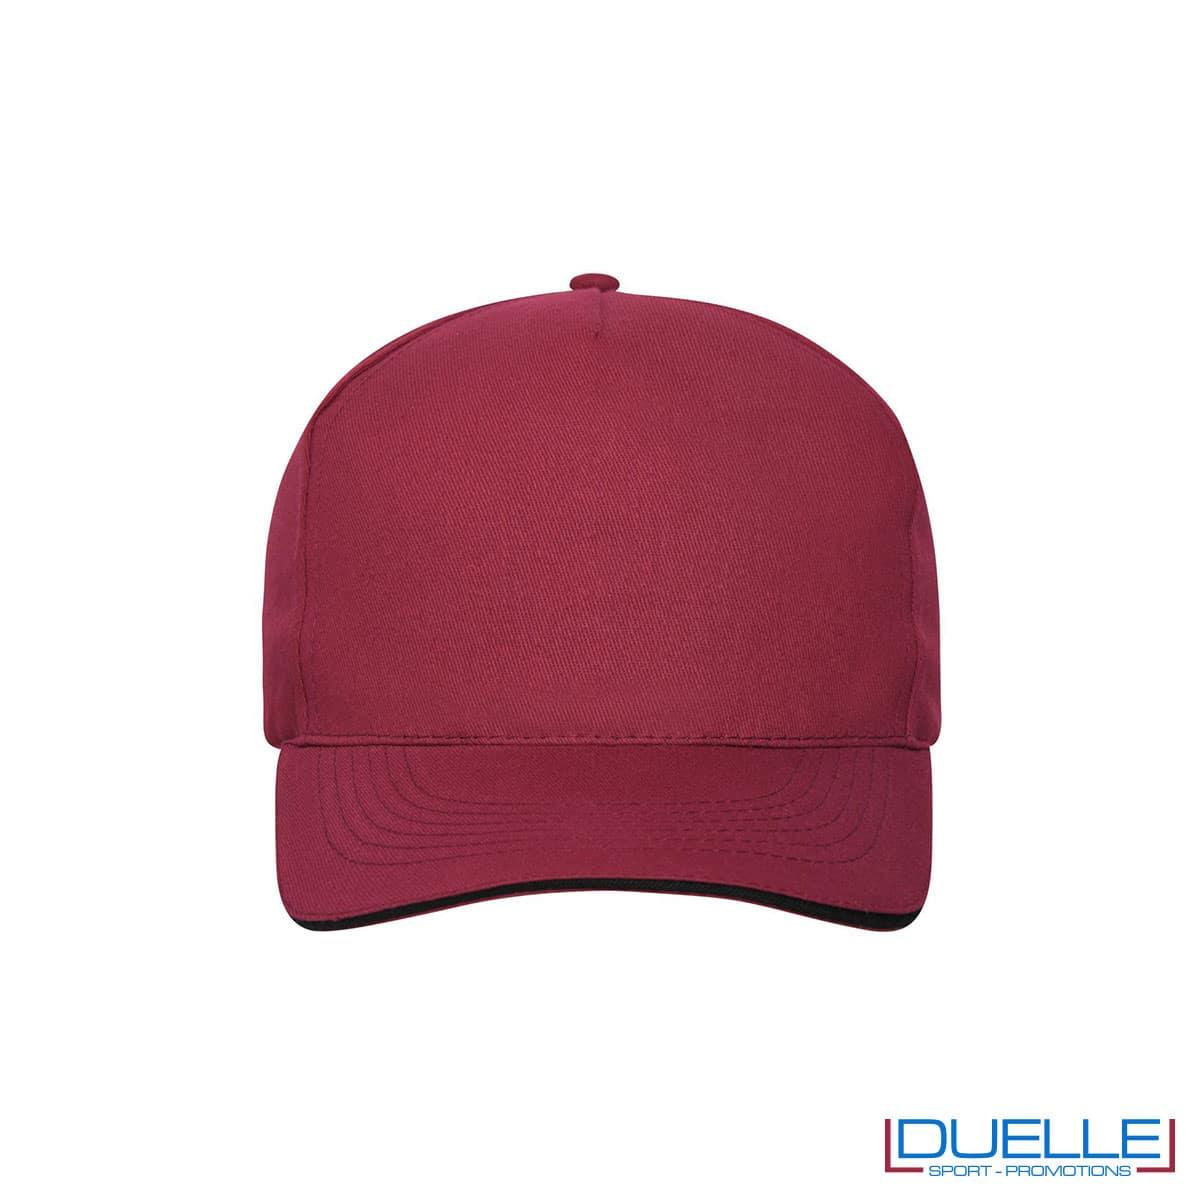 Cappello 100% cotone organico 5 pannelli colore bordeaux personalizzato